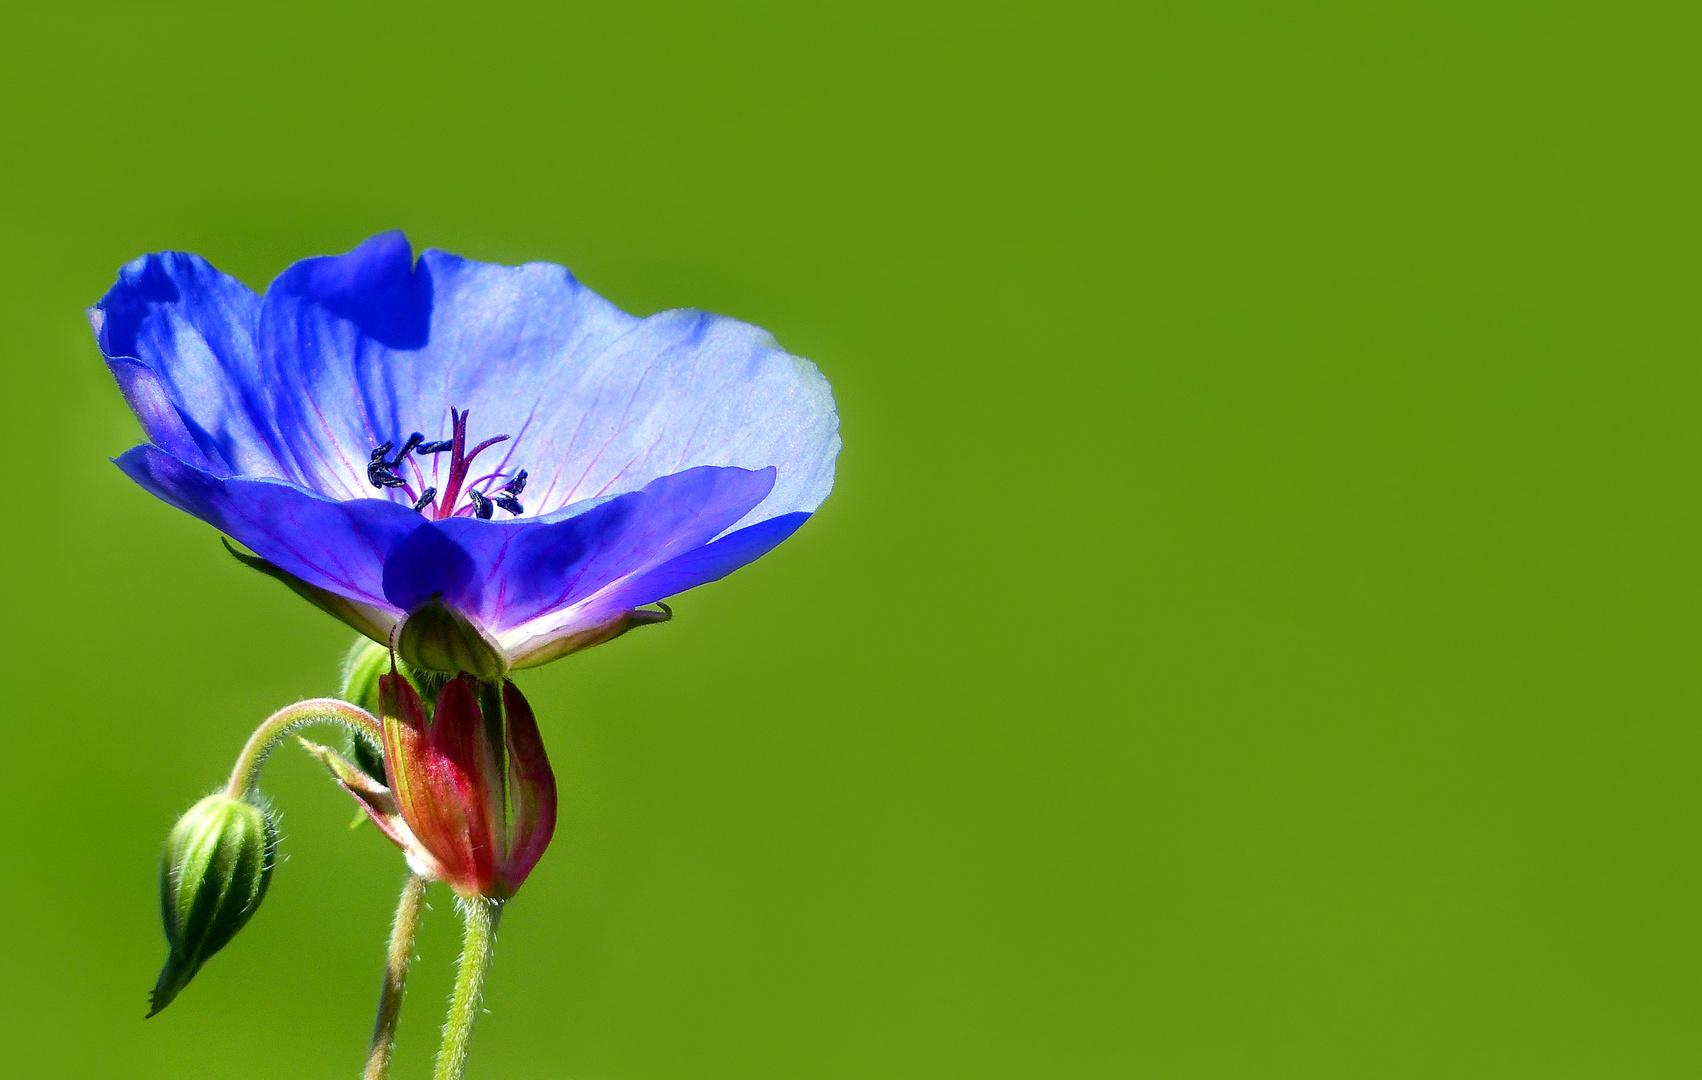 Flower of garden geranium